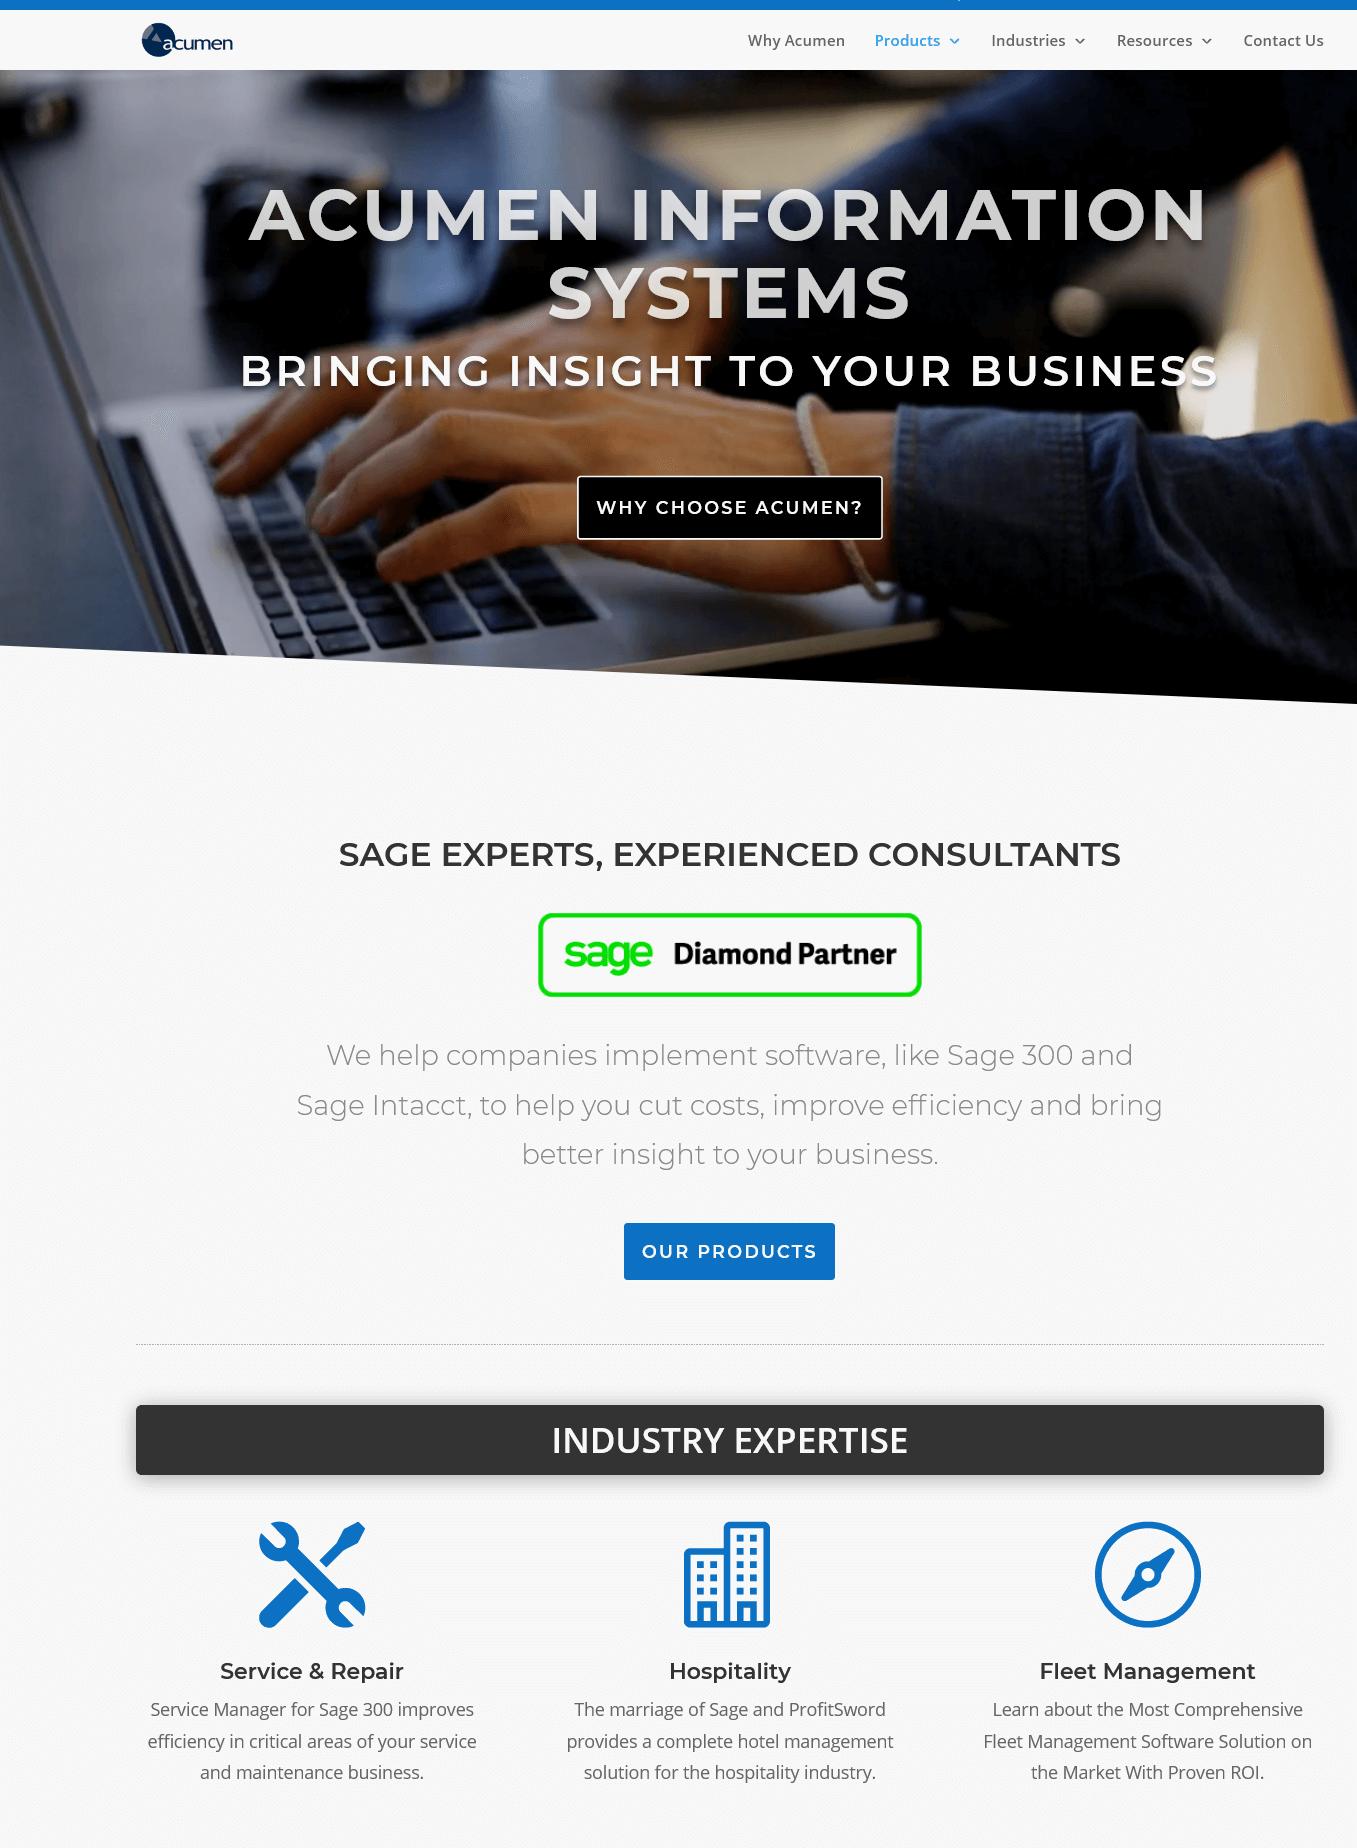 sagej partner website screenshot